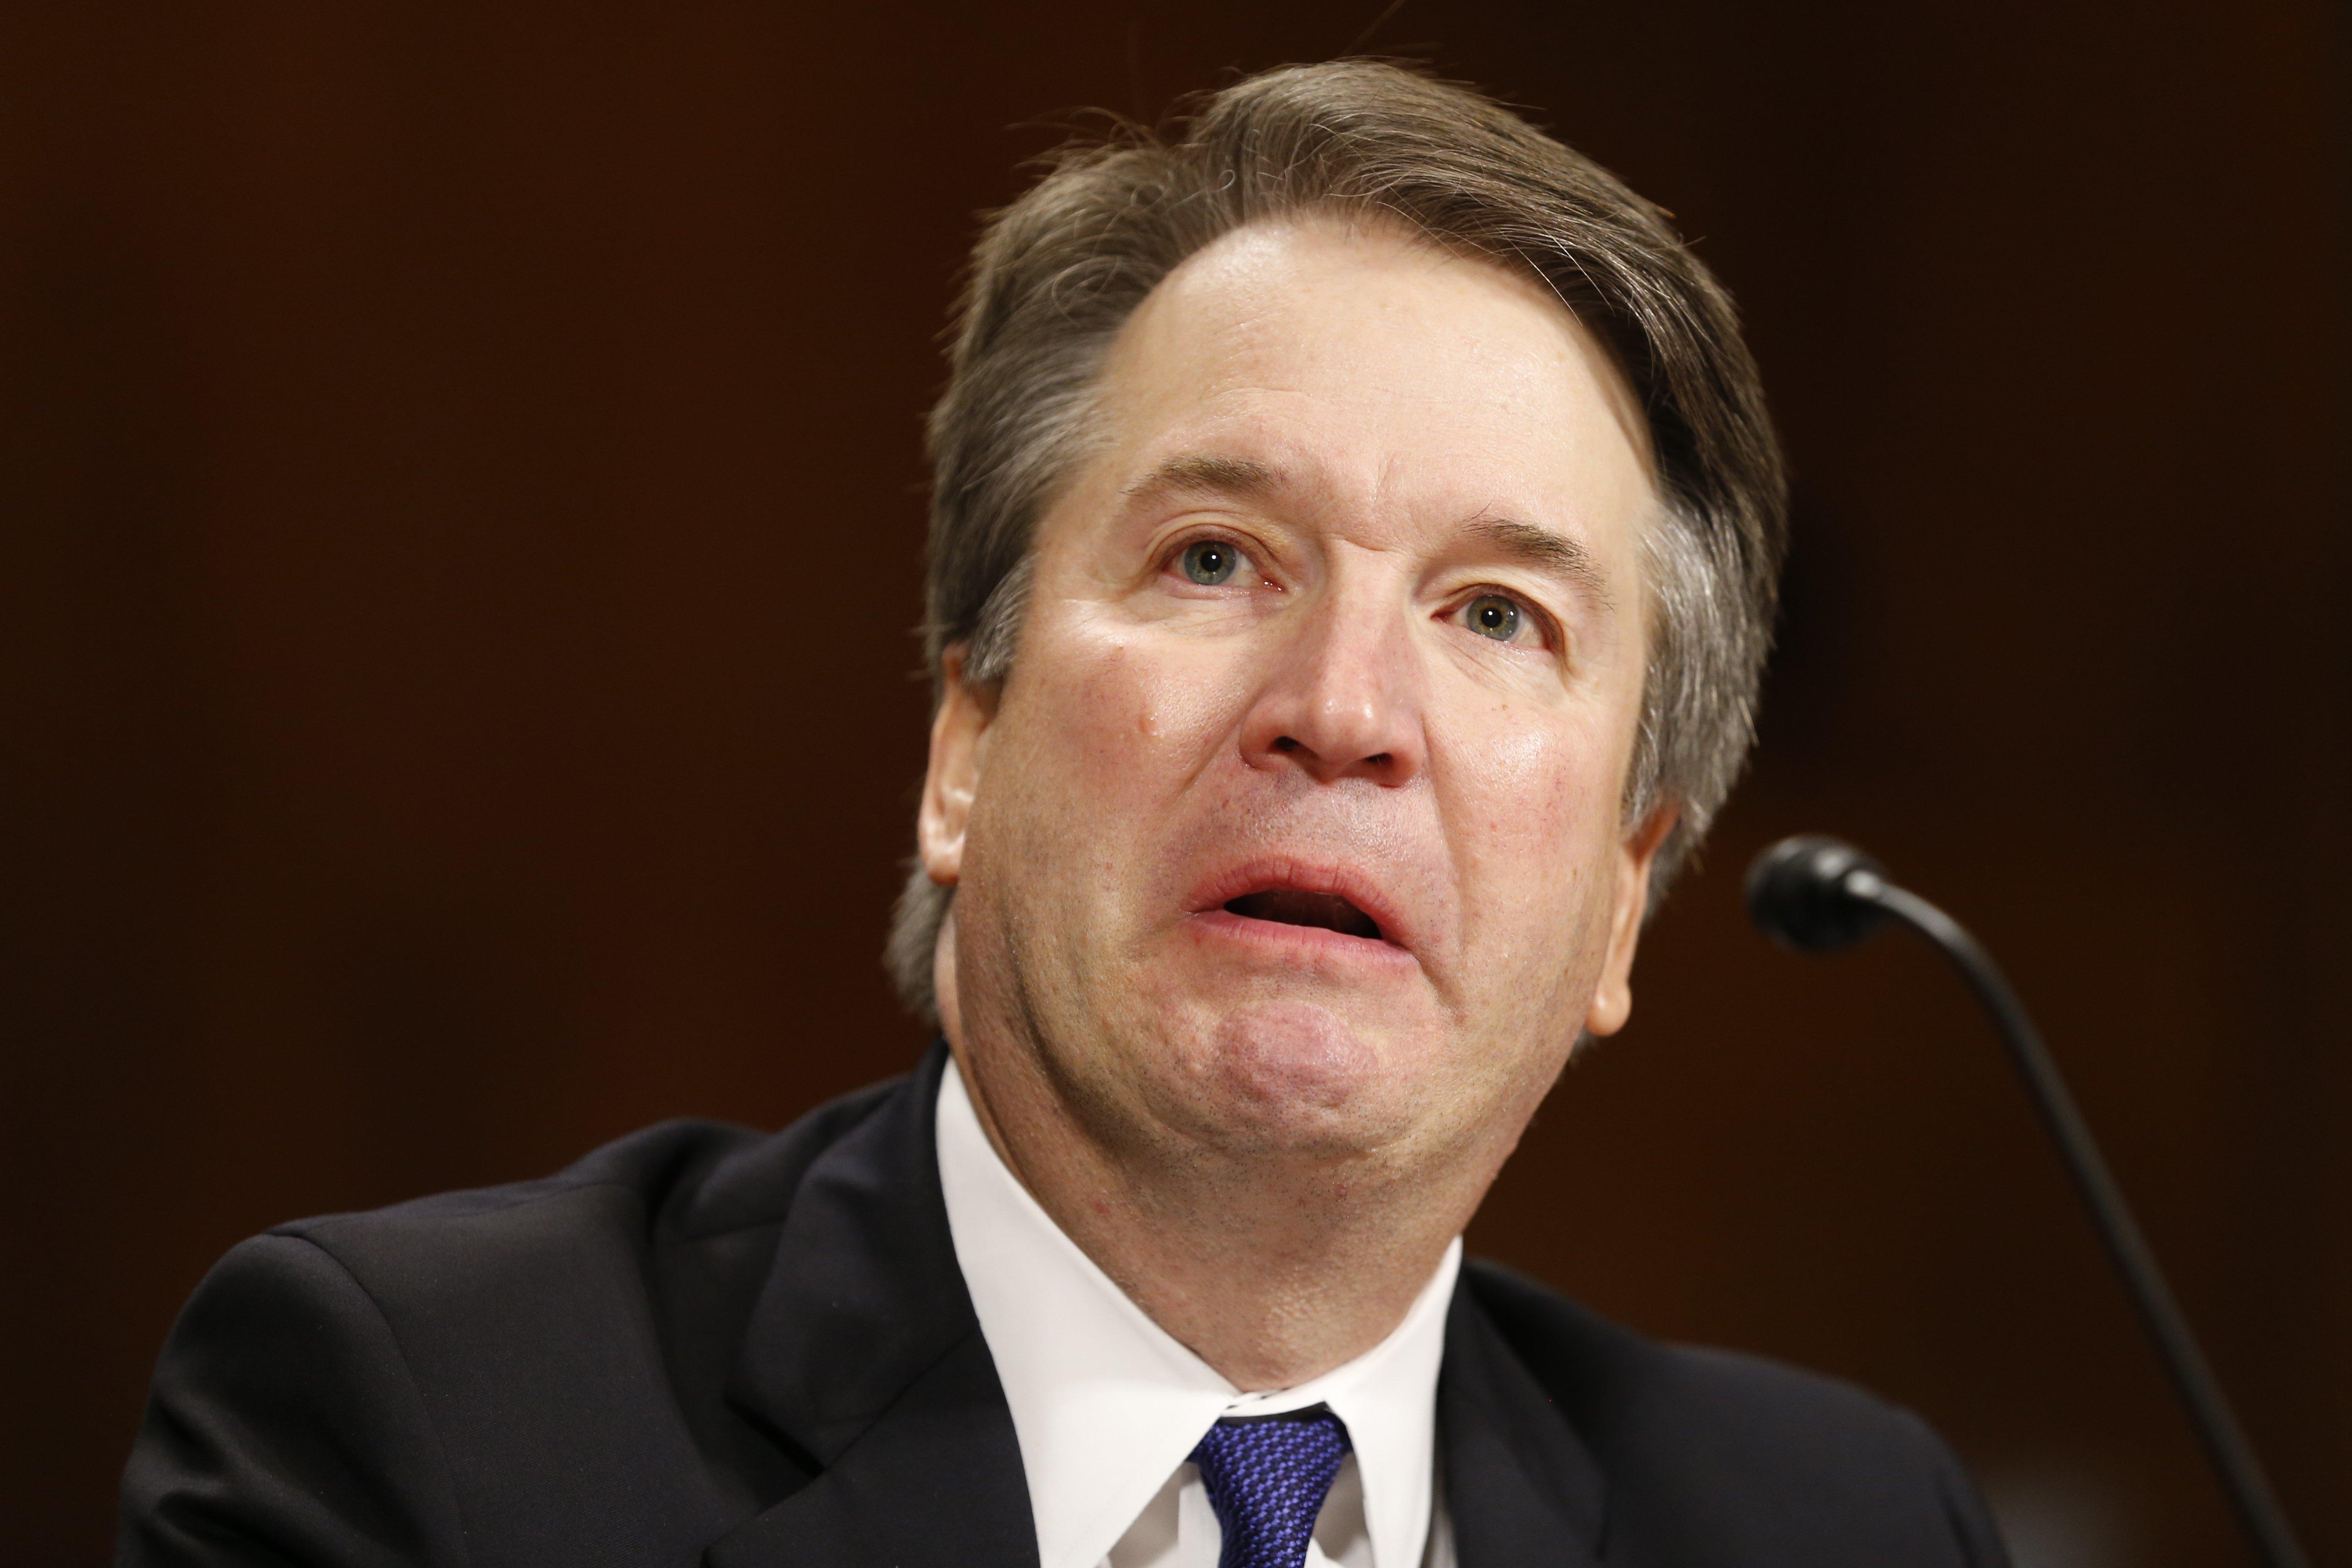 Here Are Brett Kavanaugh's Wildest Senate Testimony Moments